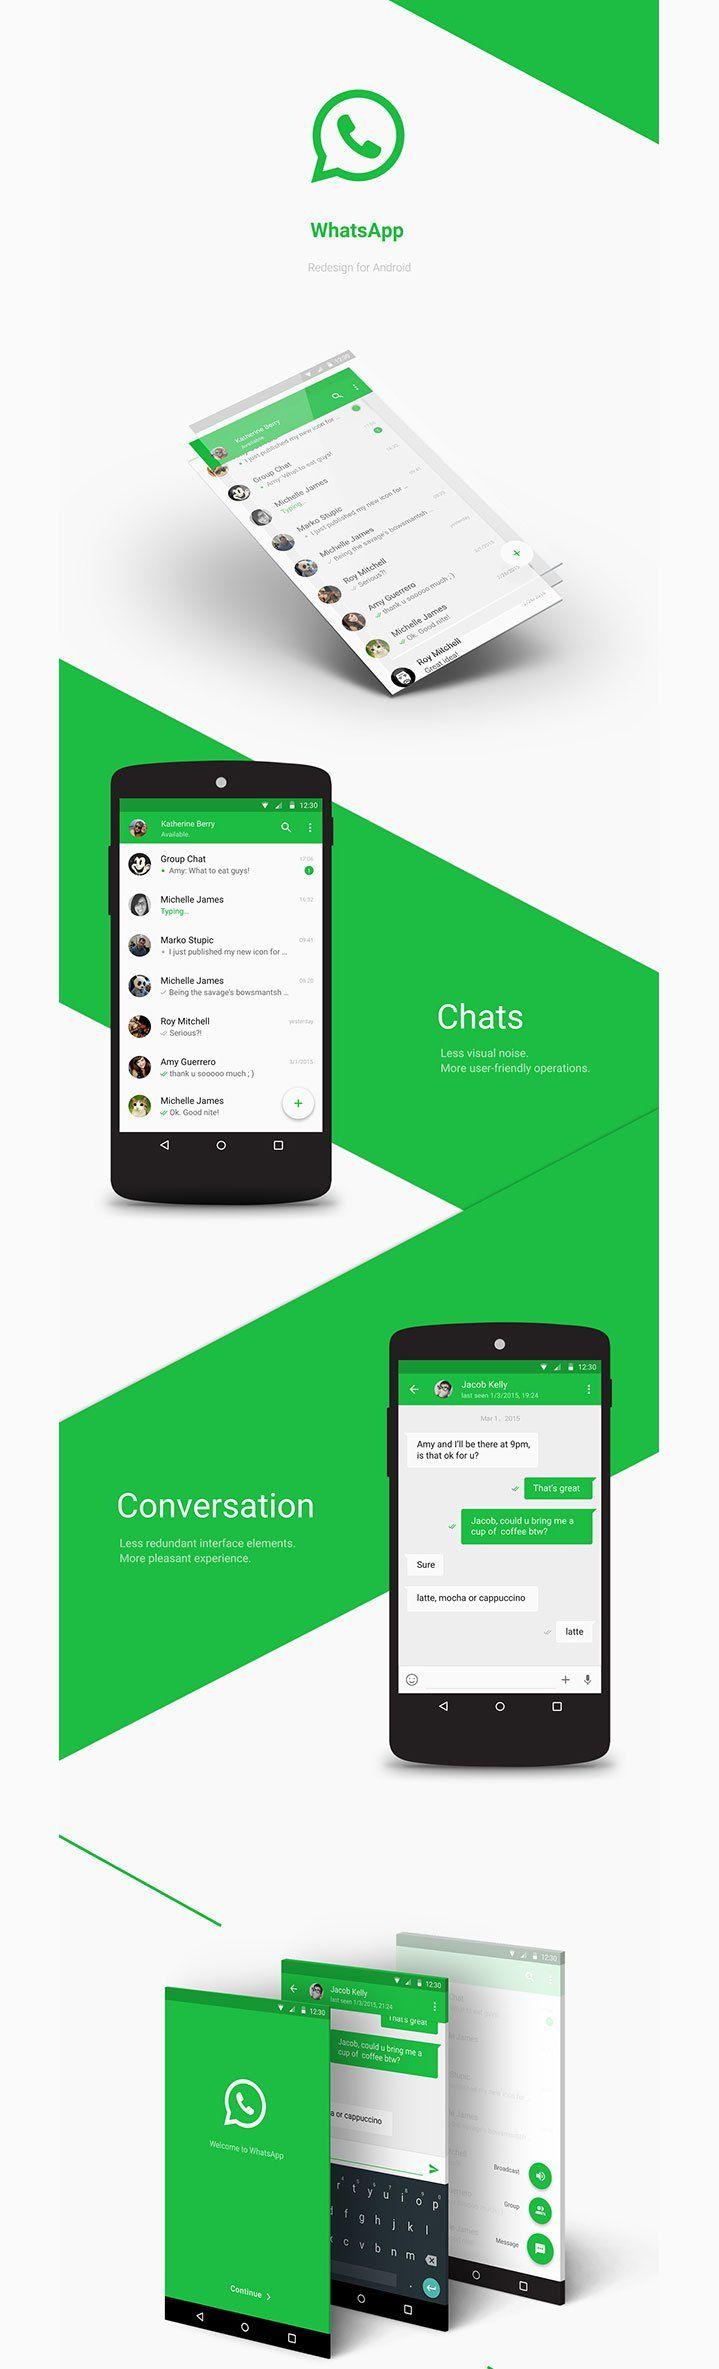 Daily Mobile UI Design Inspiration #477